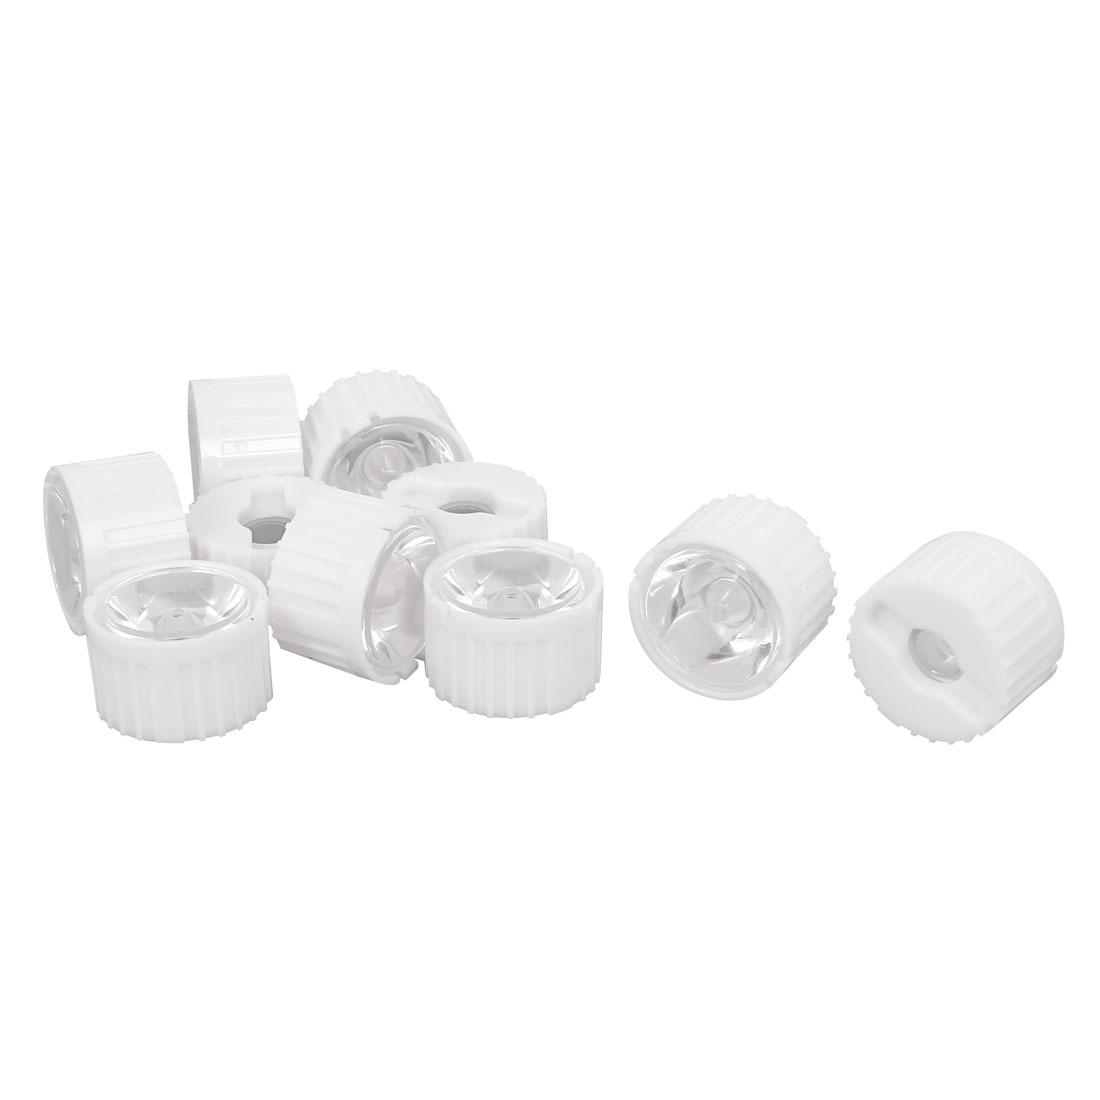 10 Pcs 8 Degree View Angle Condenser Light LED Optical Lens w White Holder